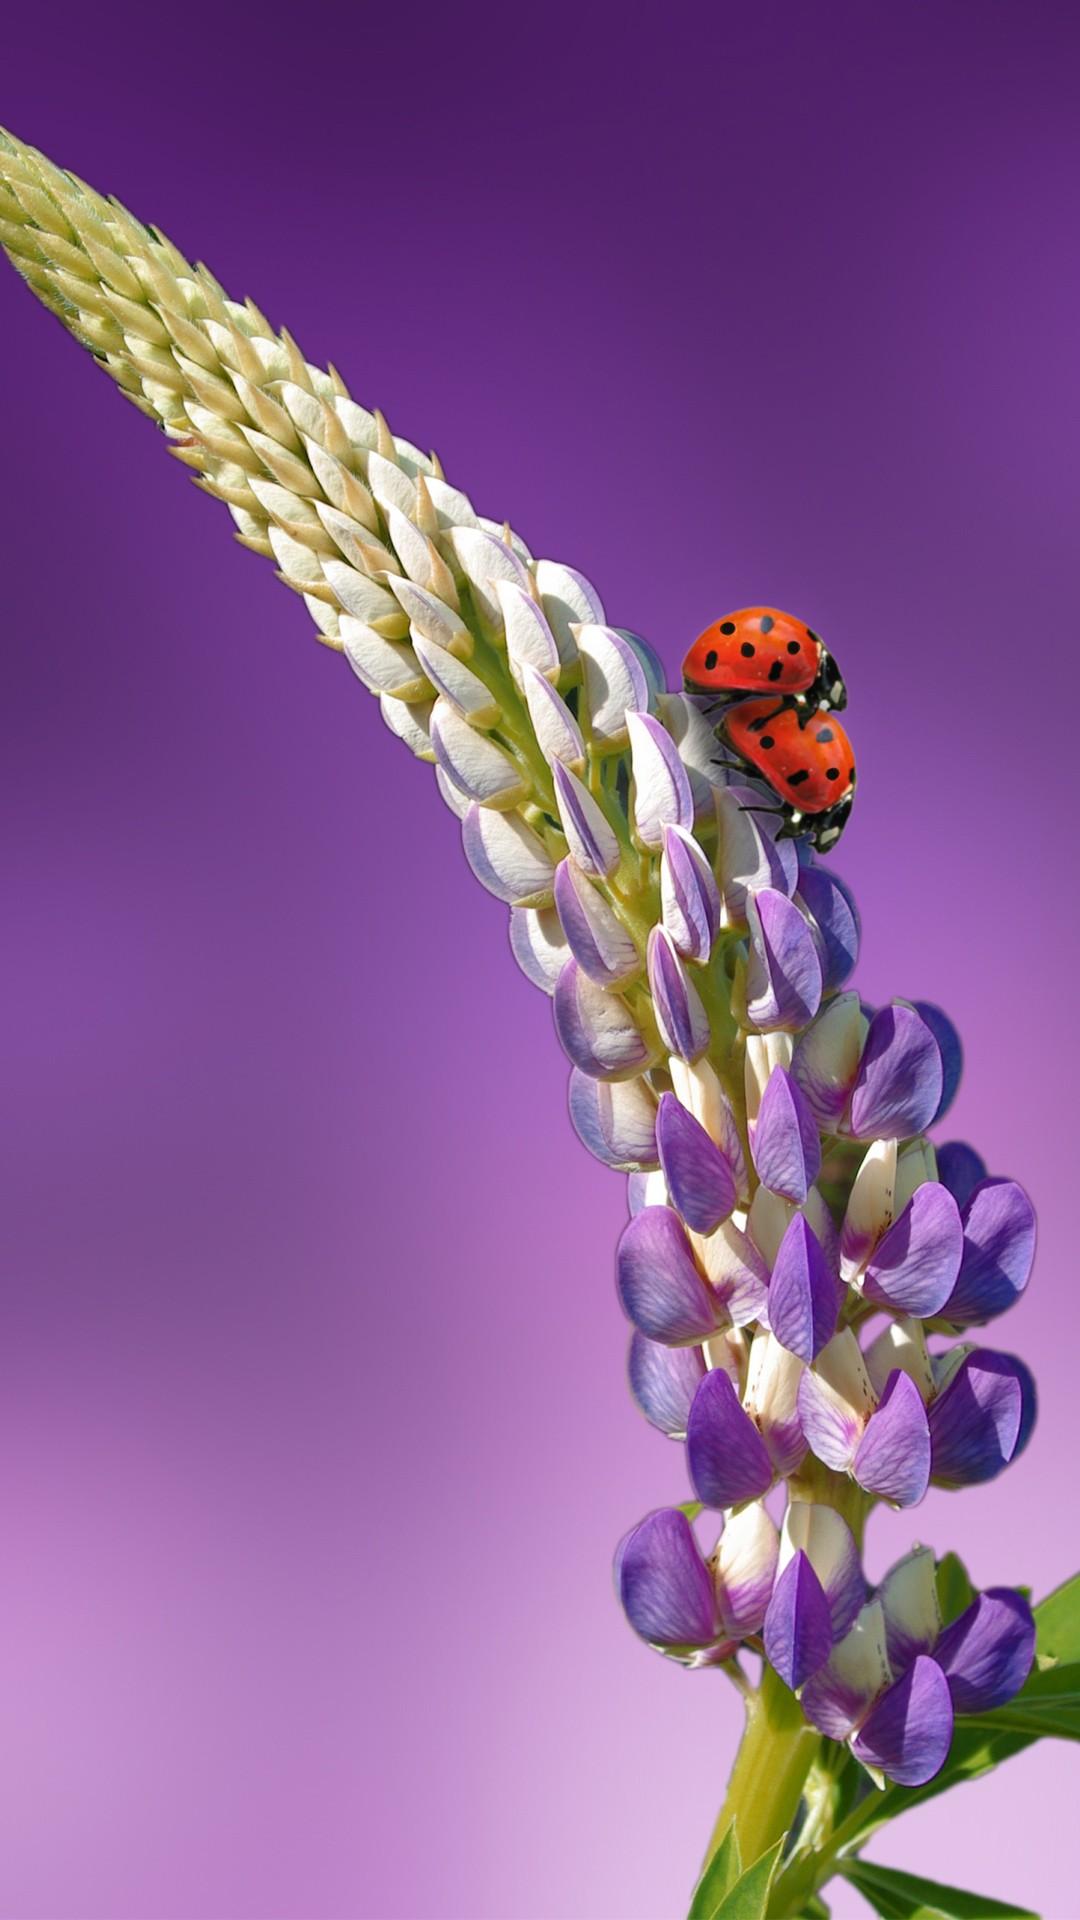 Lady Butterfly Hd Wallpaper Ladybird Lavender Ladybug 5k Wallpapers Hd Wallpapers